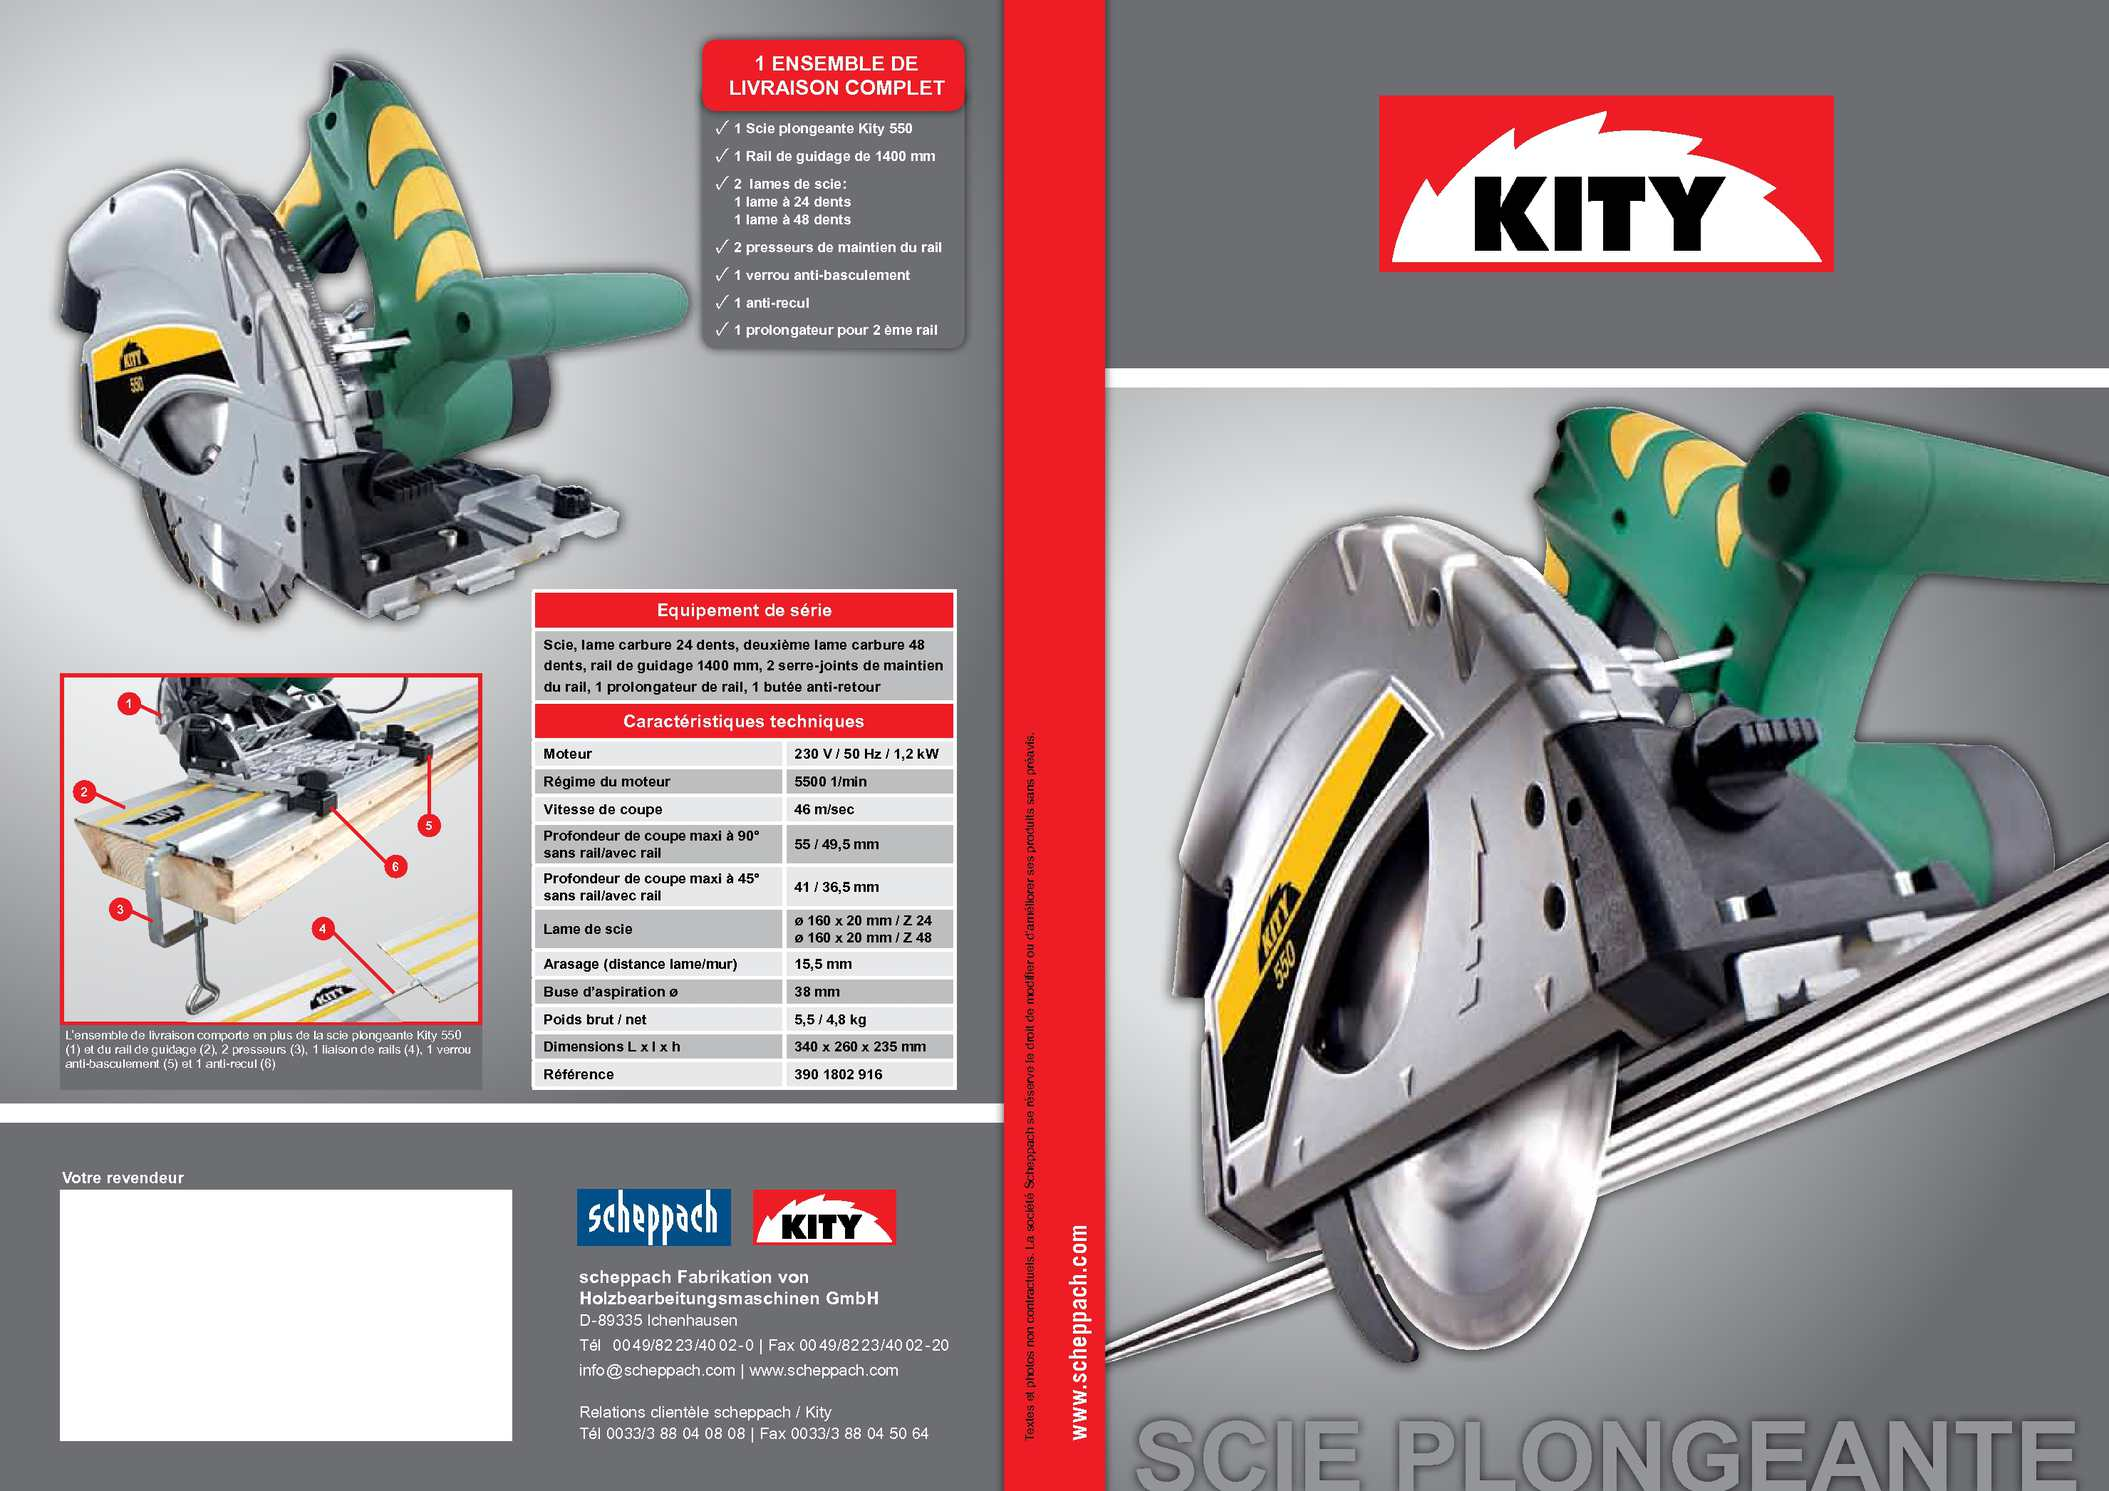 kity 550